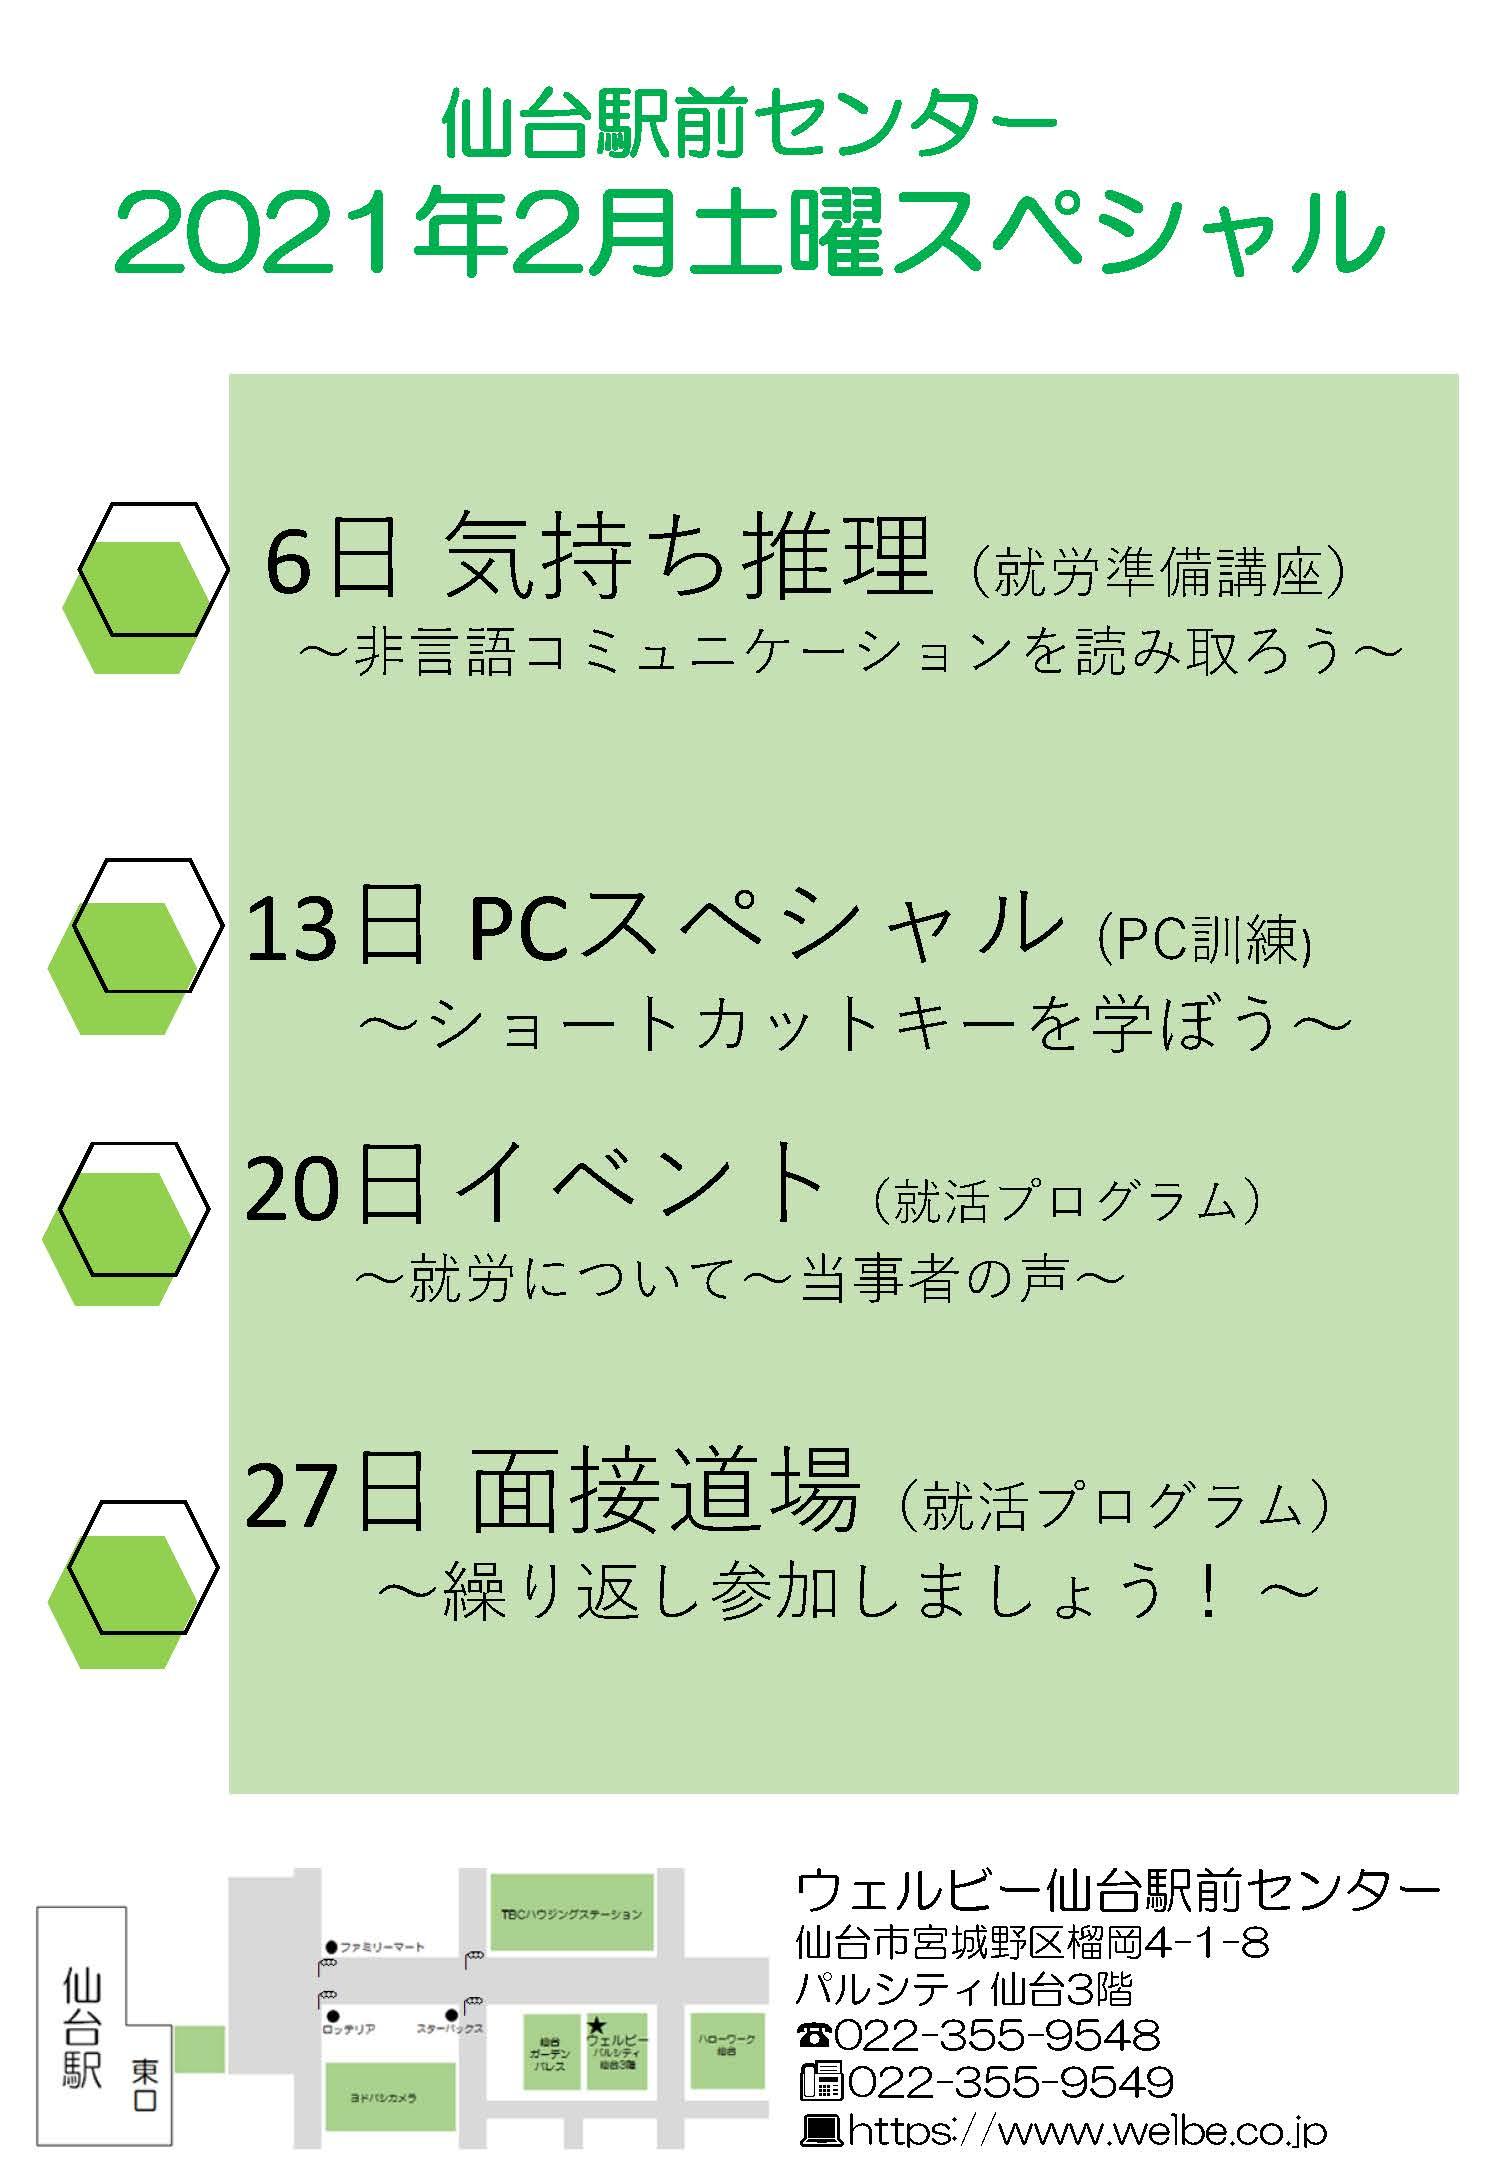 仙台駅前センター202002_土曜スペシャル+